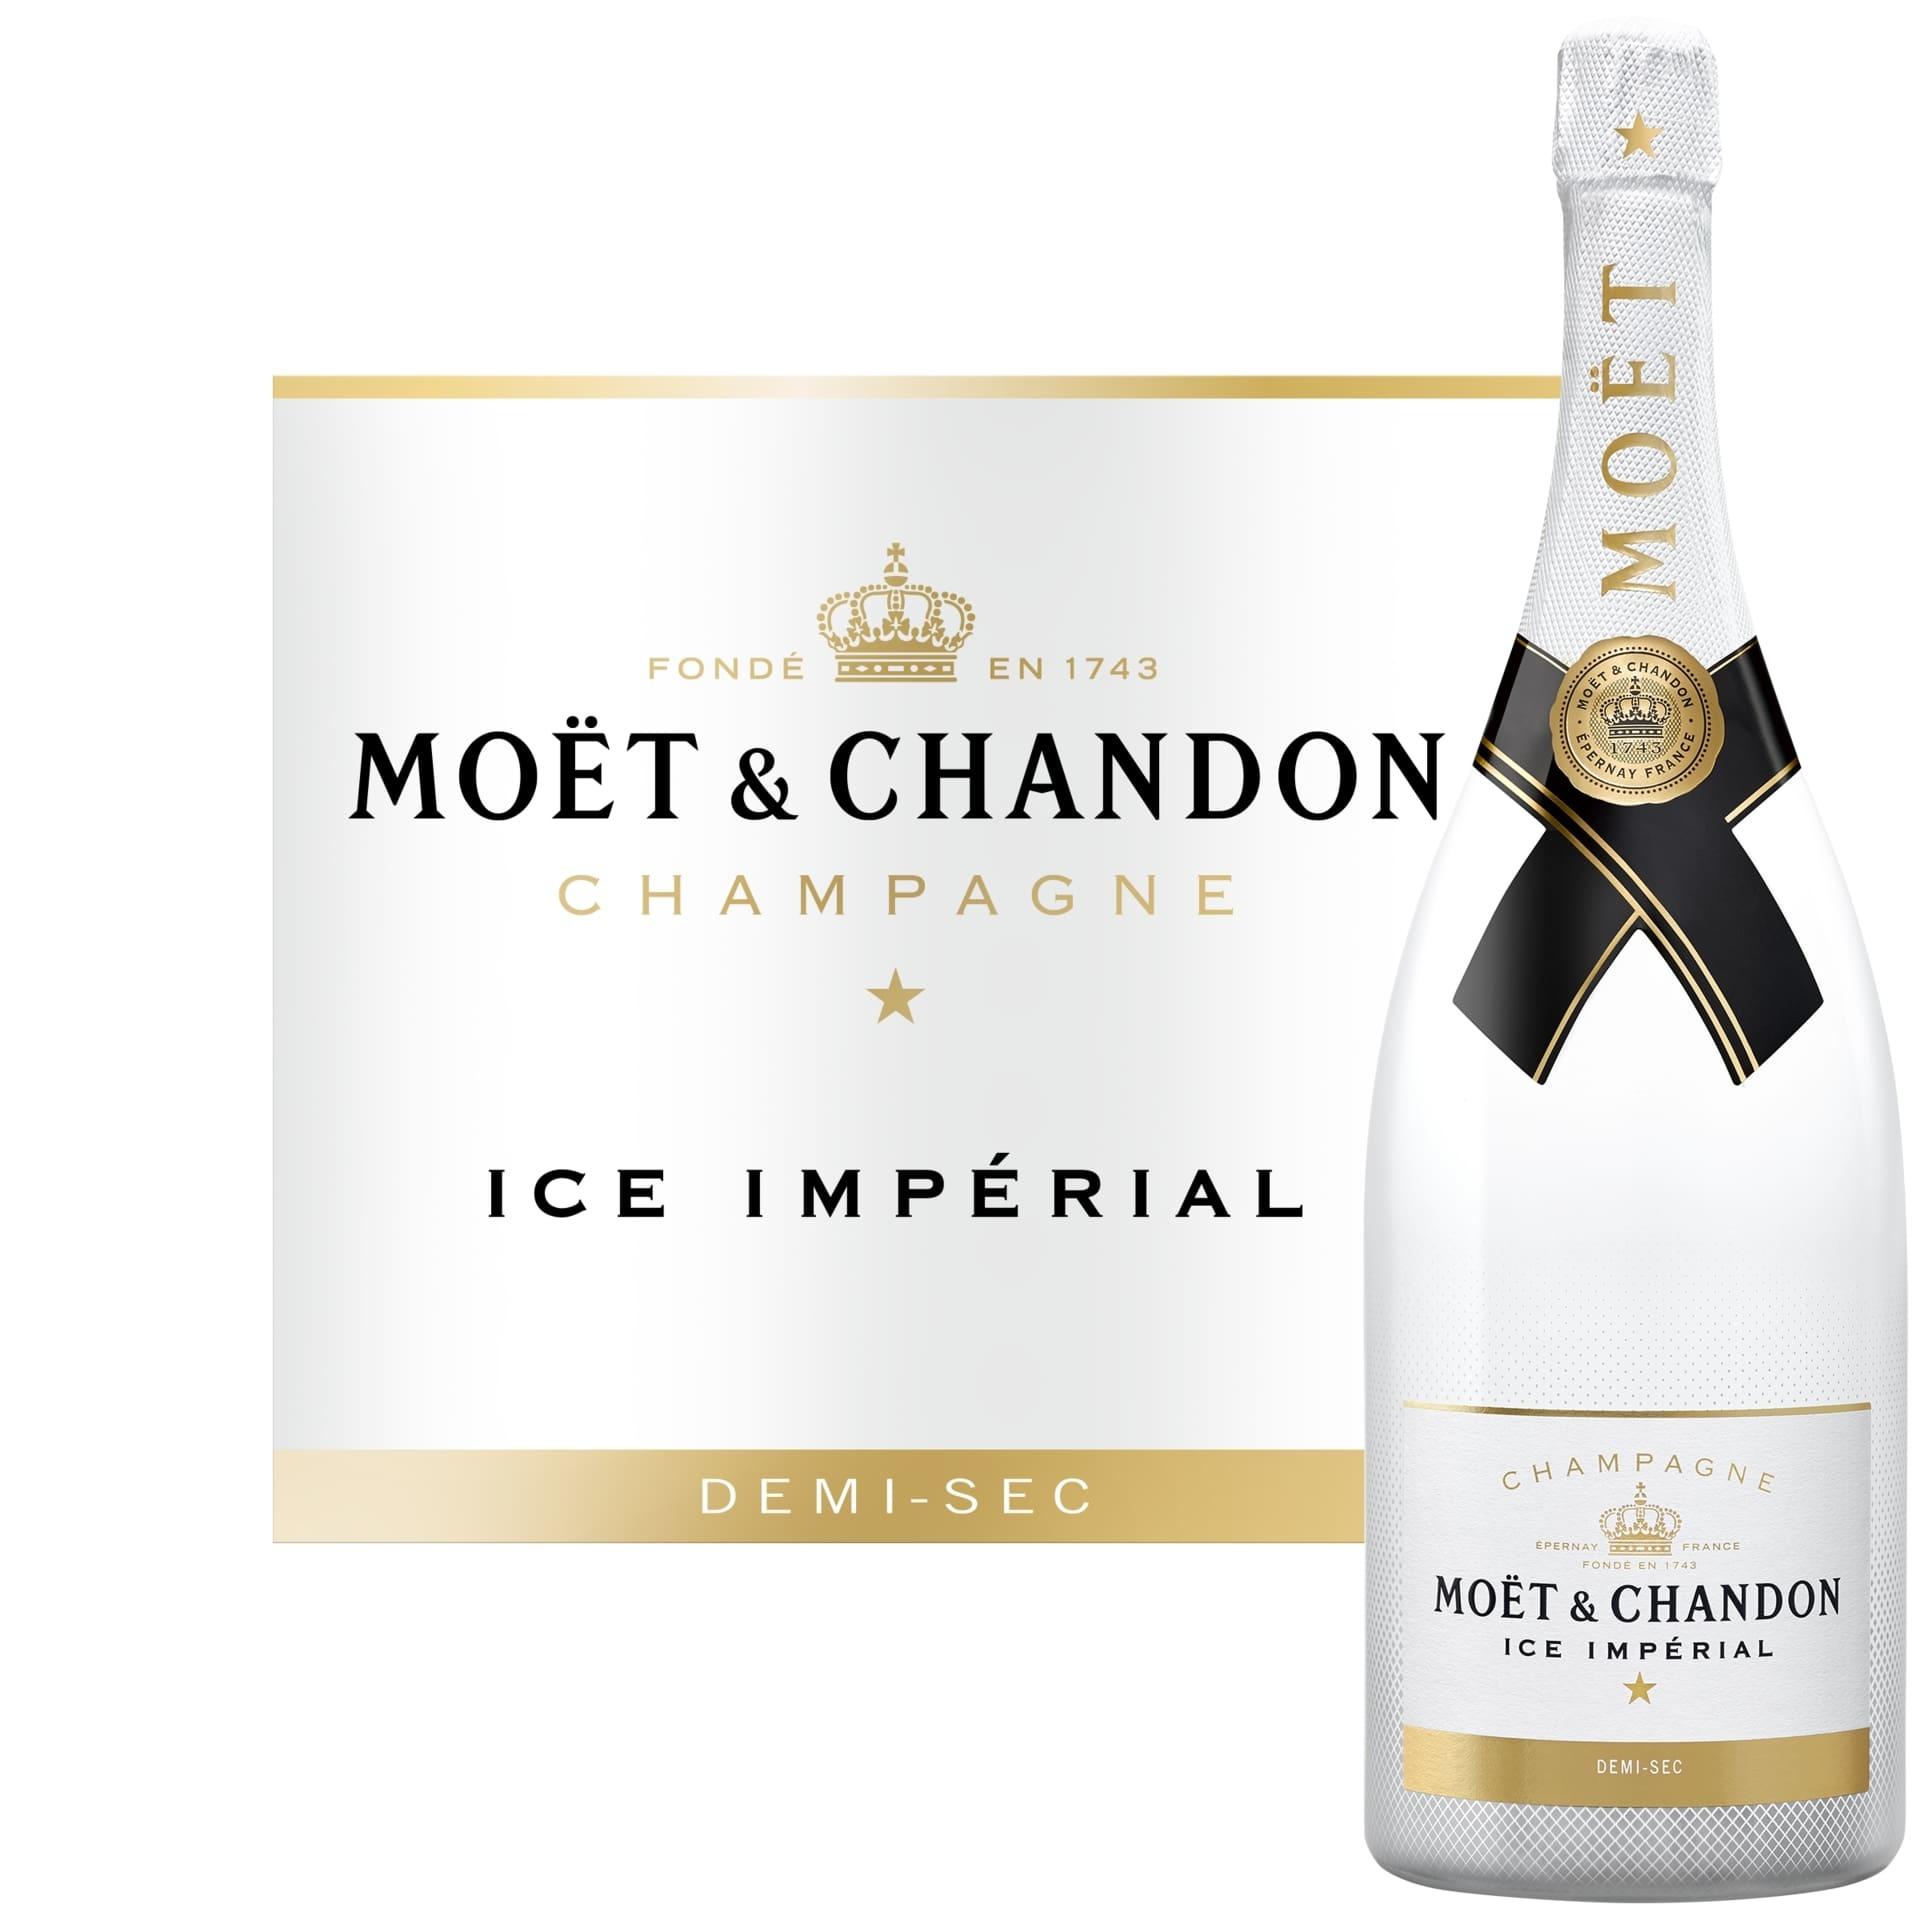 Moët & Chandon Moët & Chandon Ice Impérial Magnum Champagne 150CL